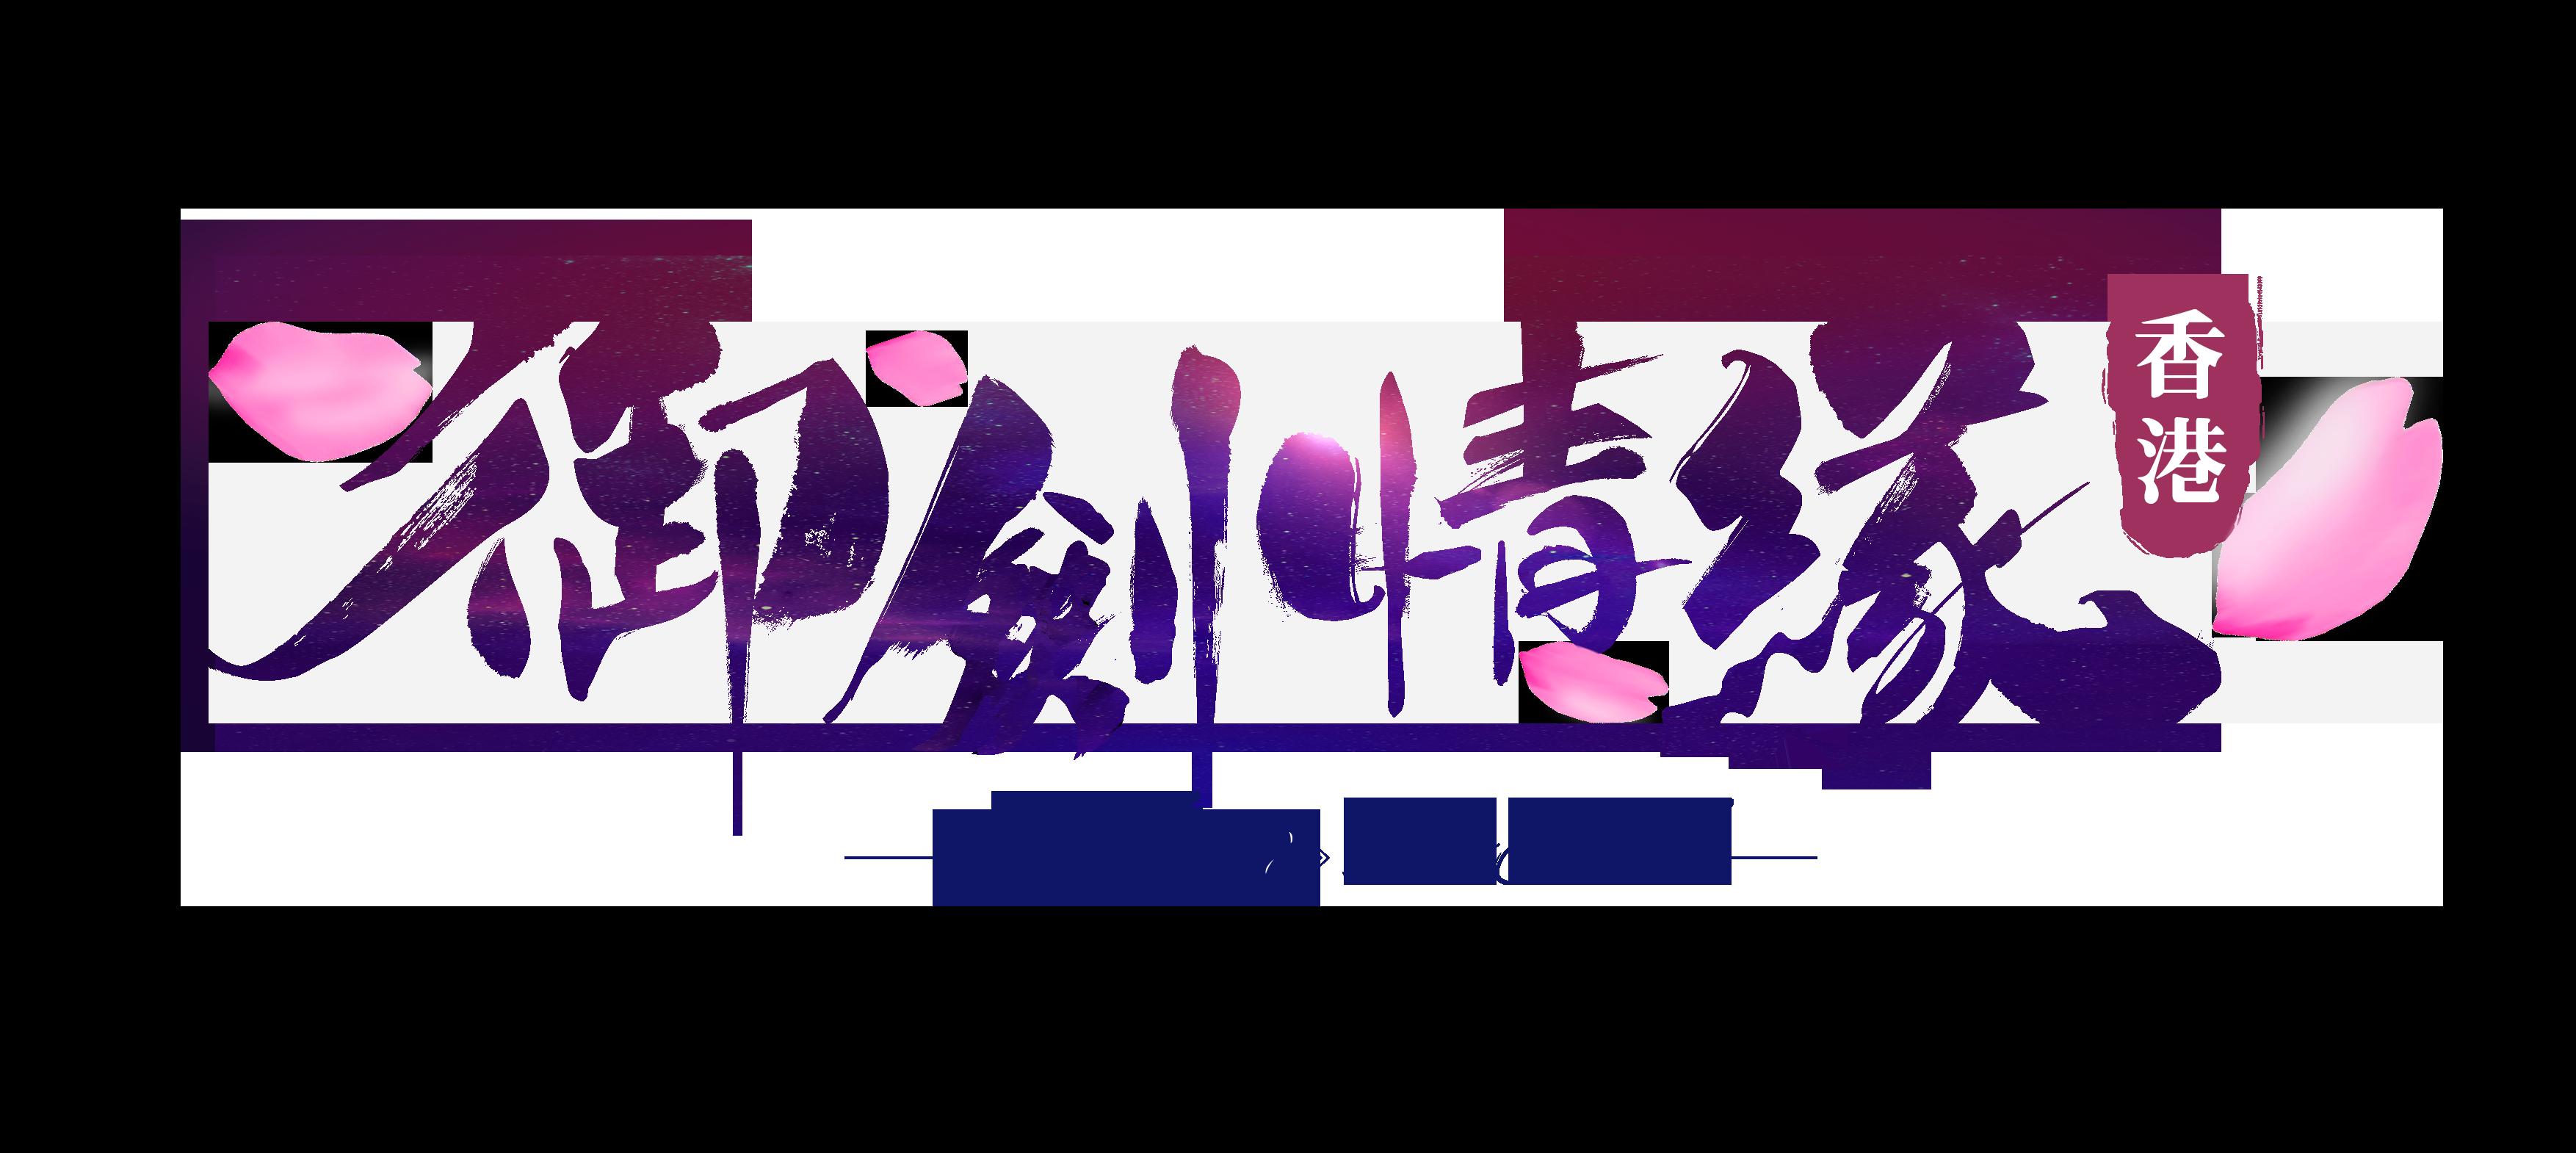 御劍繁體logo(香港)